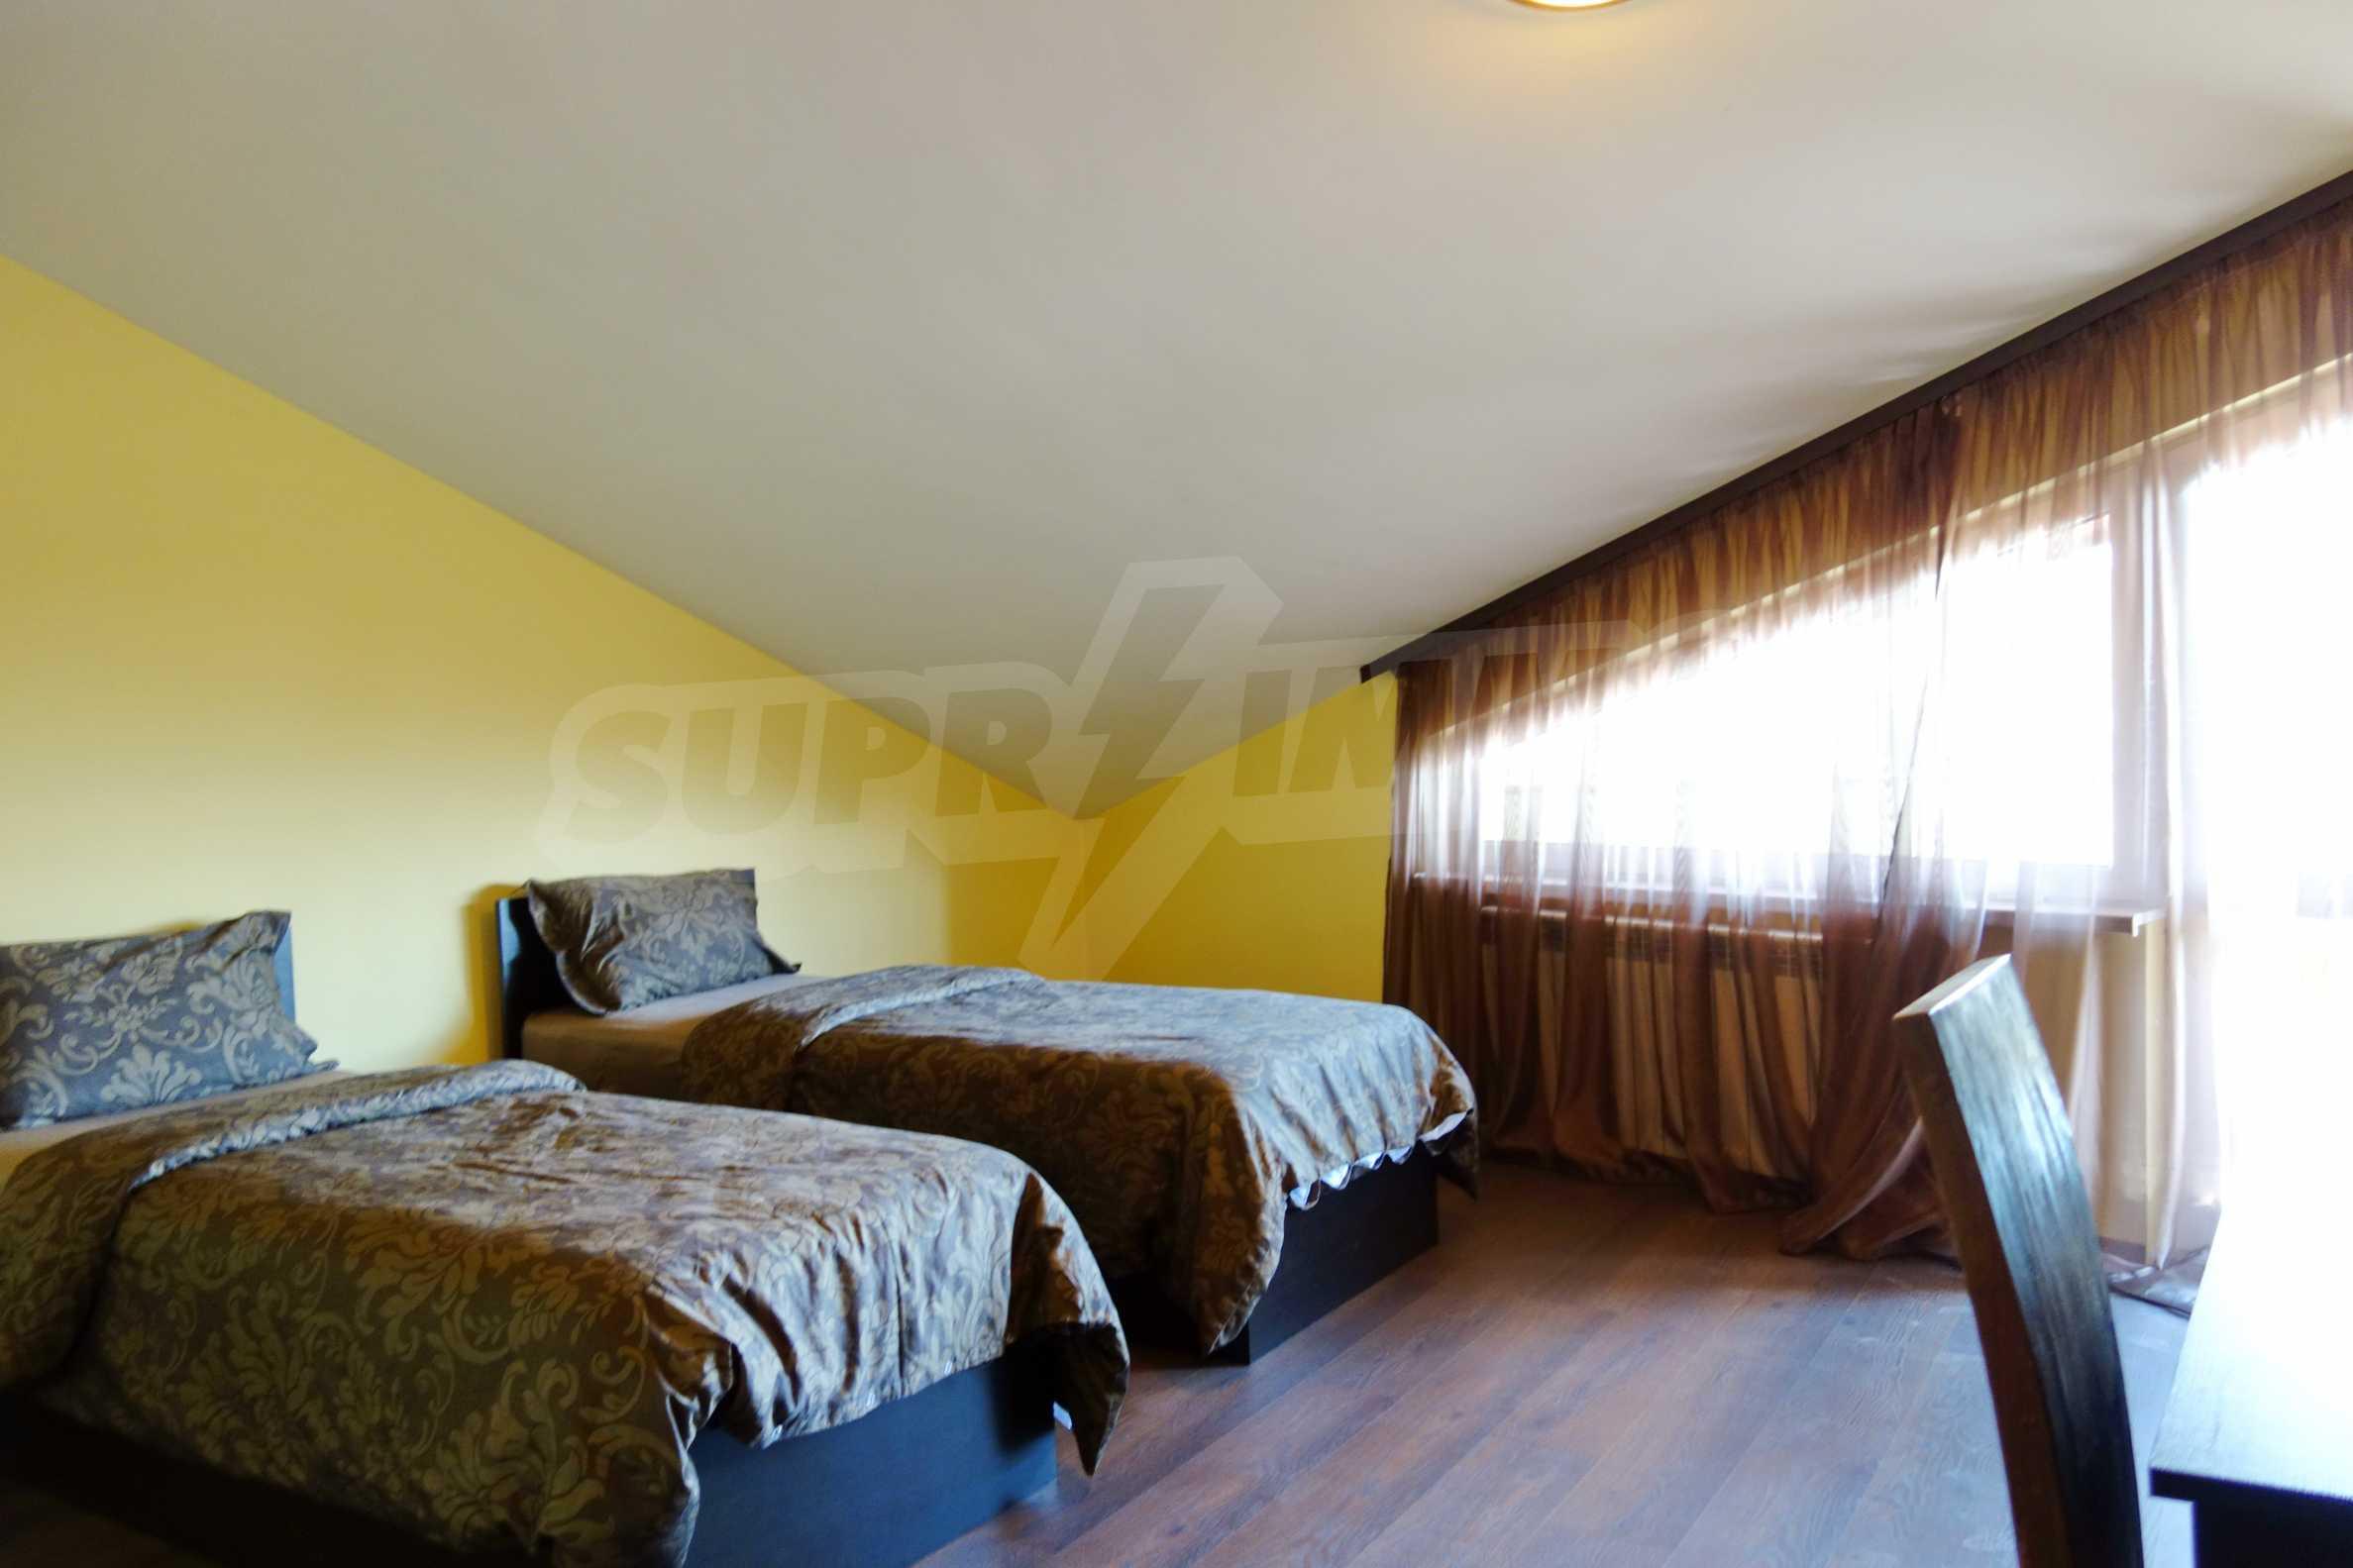 Луксозен спа хотел в центъра на гр. Елин Пелин 8